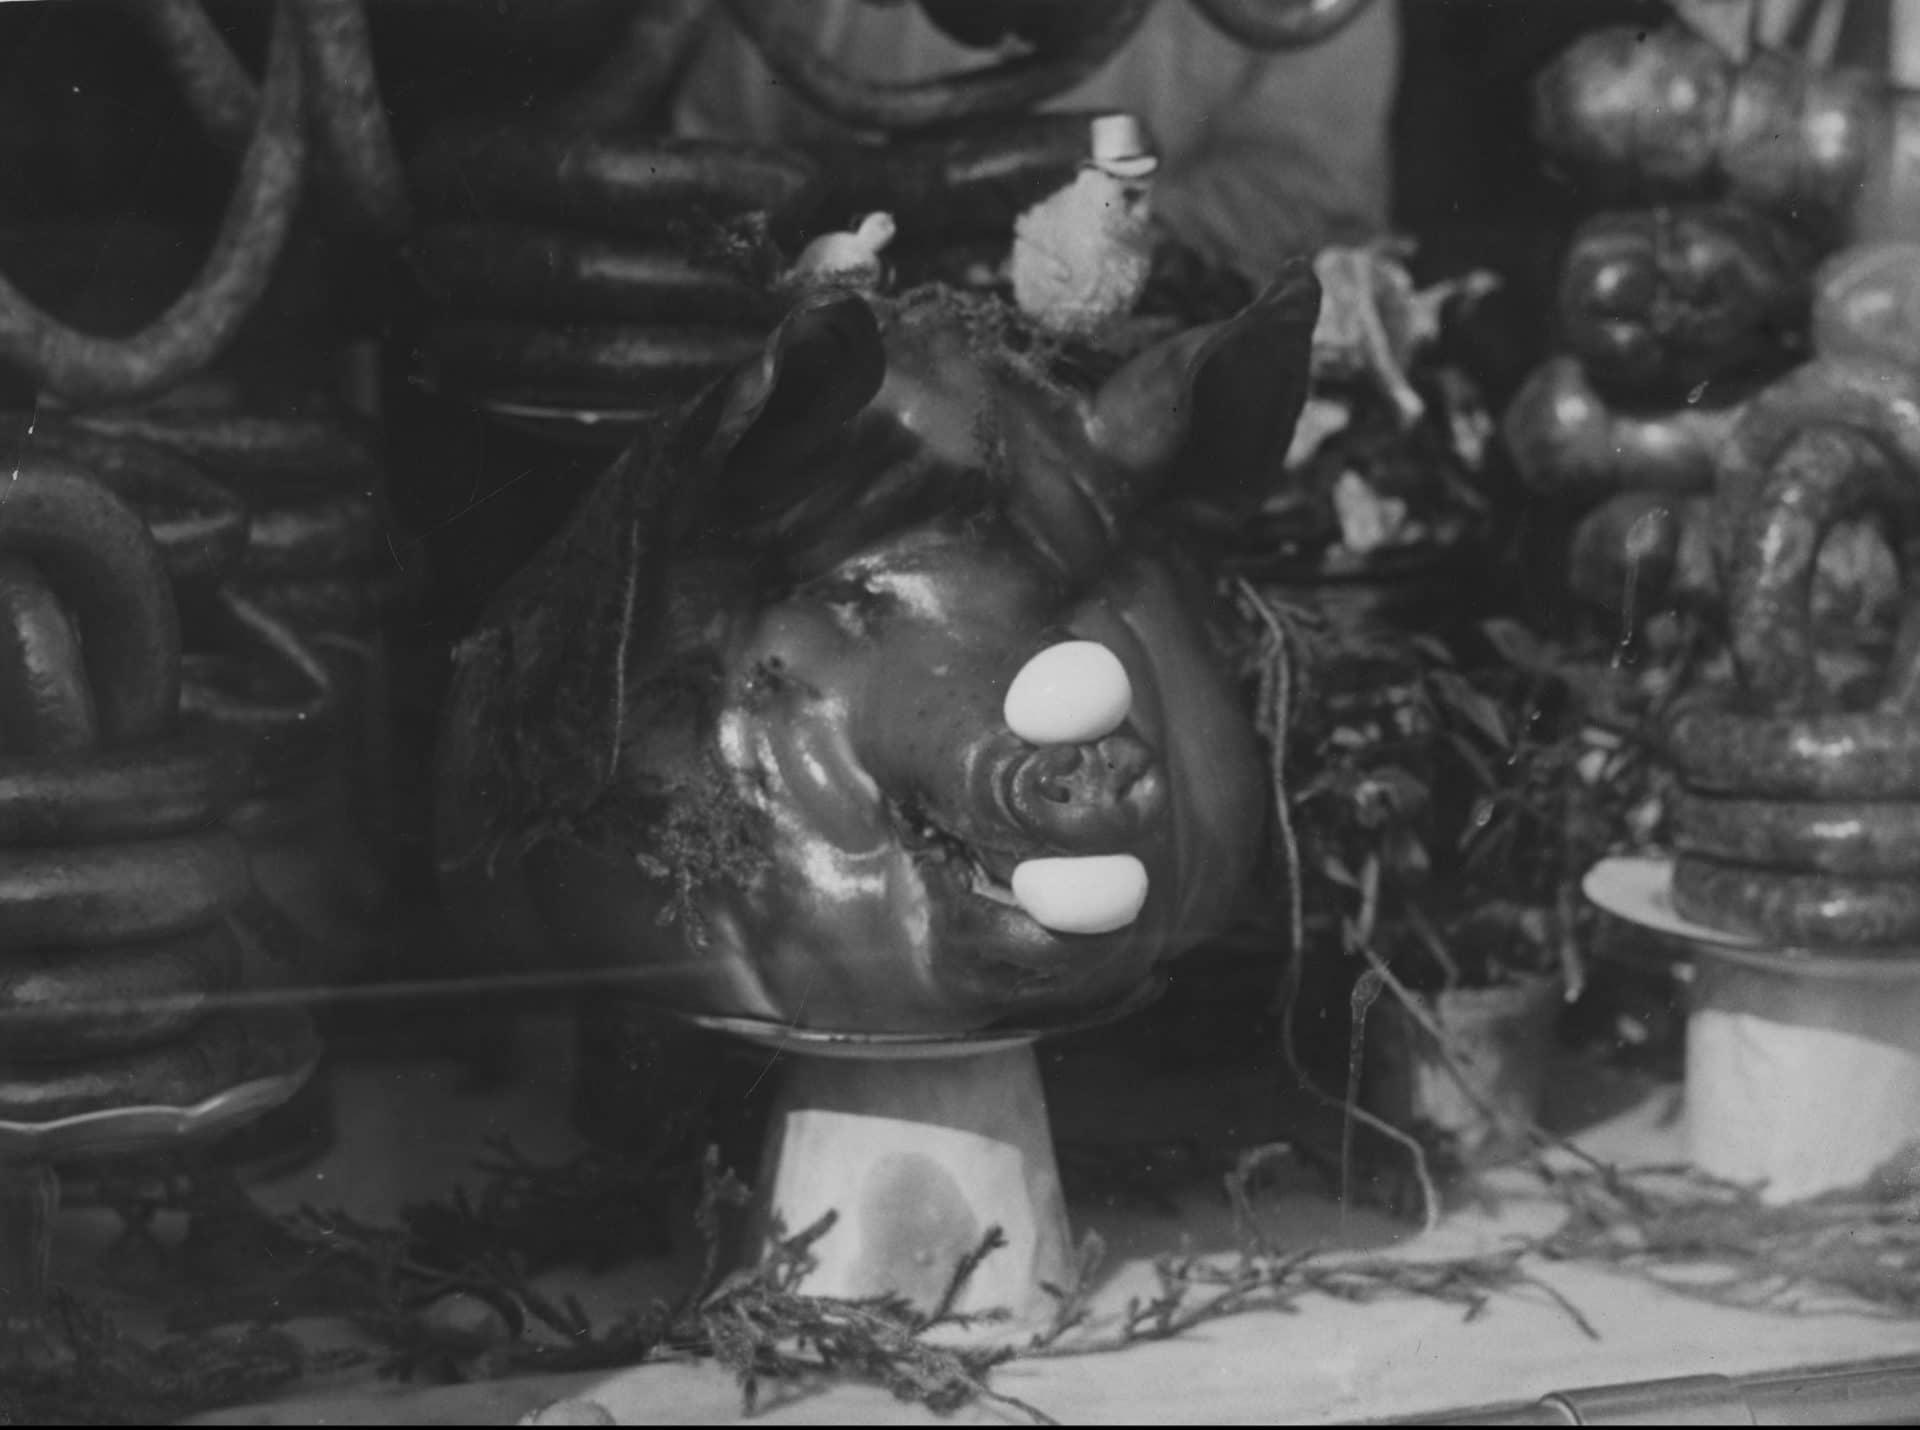 Upieczone prosie na wystawie stoiska z wędlinami na pl. Kercelego. 1937 rok. Źródło: Narodowe Archiwum Cyfrowe.